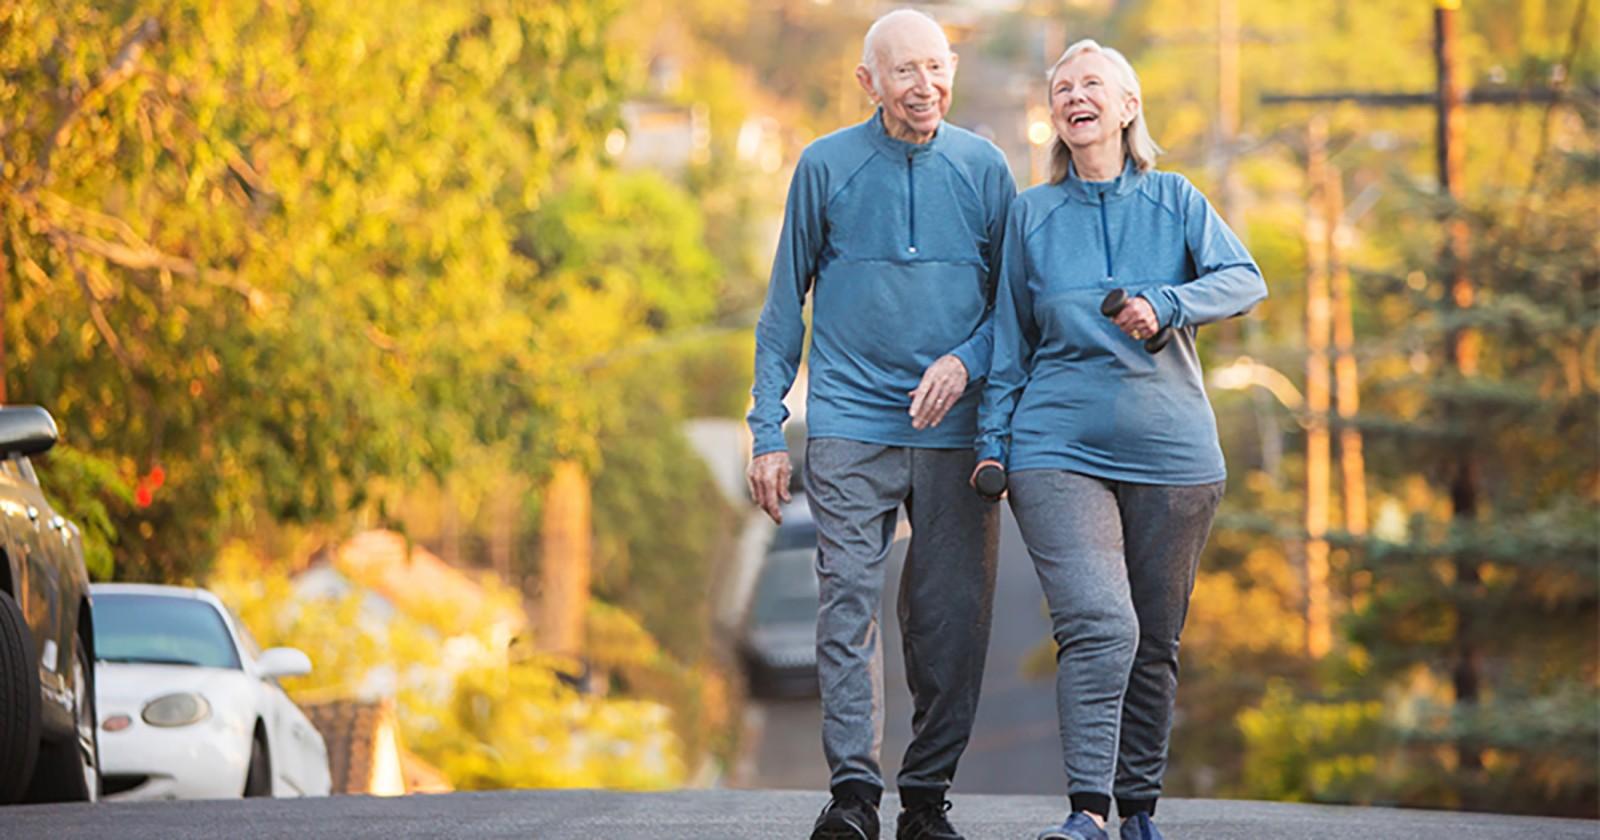 Đi bộ là một trong những cách giúp người cao tuổi khỏe mạnh hơn. Ảnh: Footandanklenola